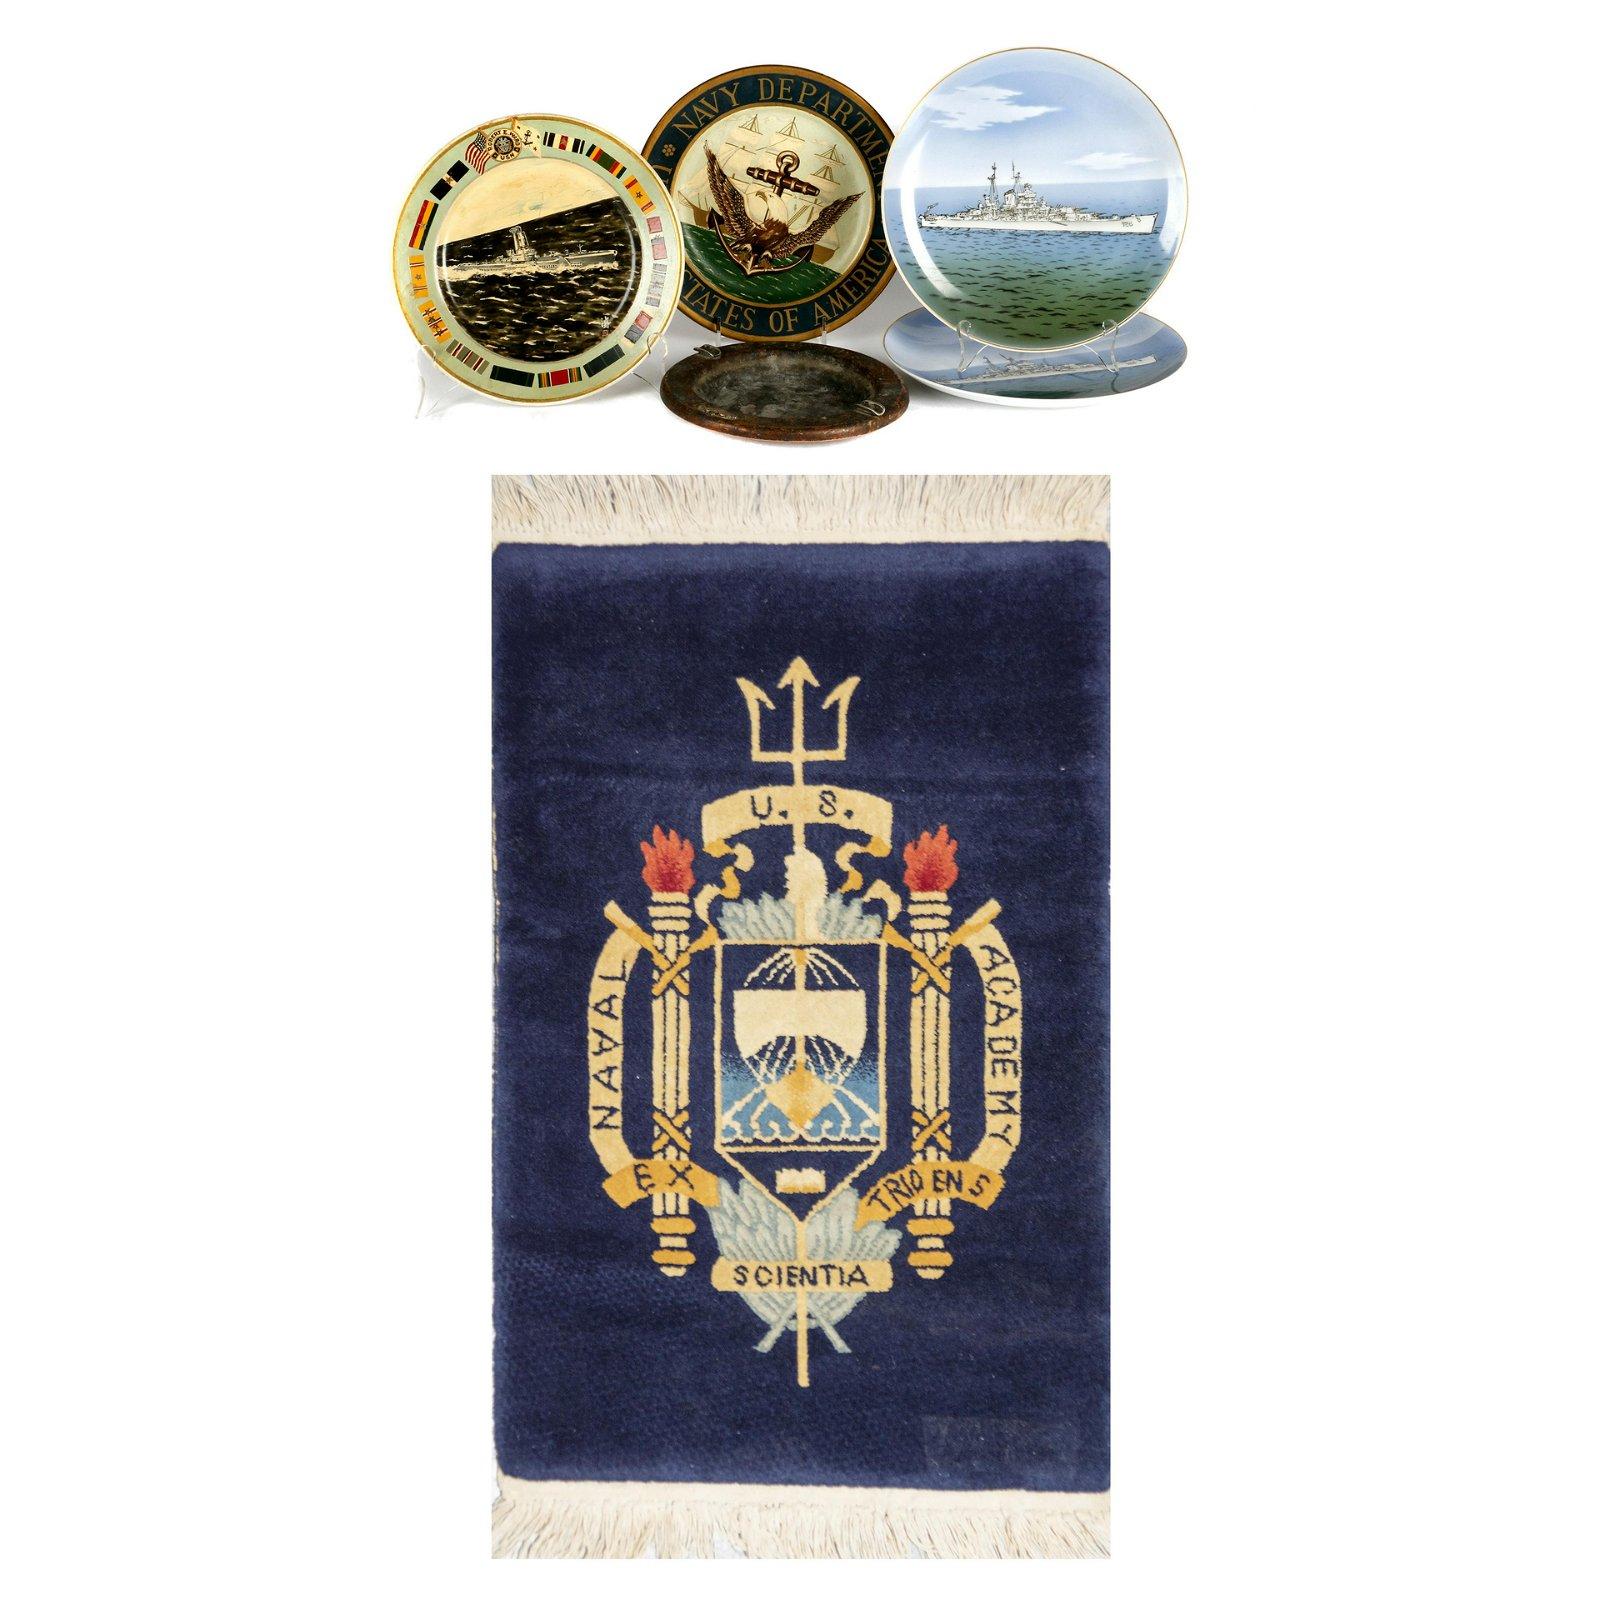 A Collection of U.S. Navy memorabilia